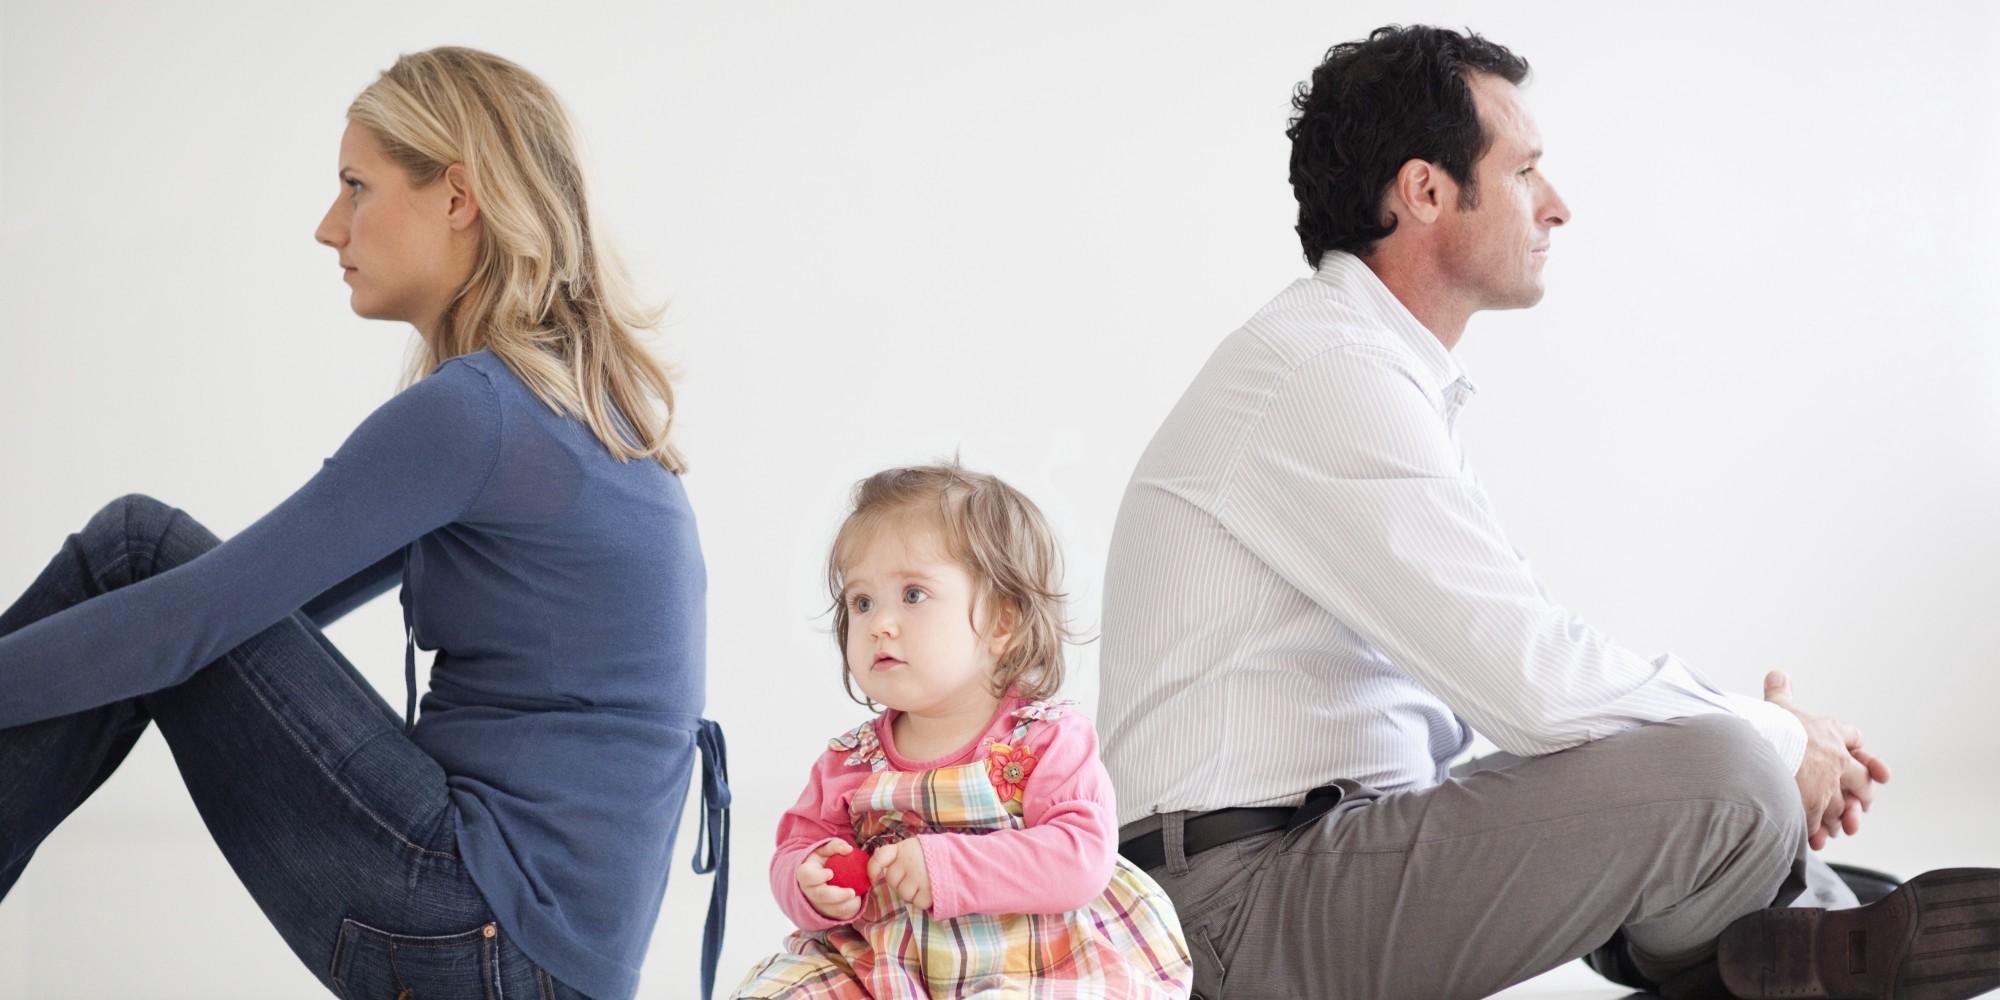 С кем останутся дети при разводе